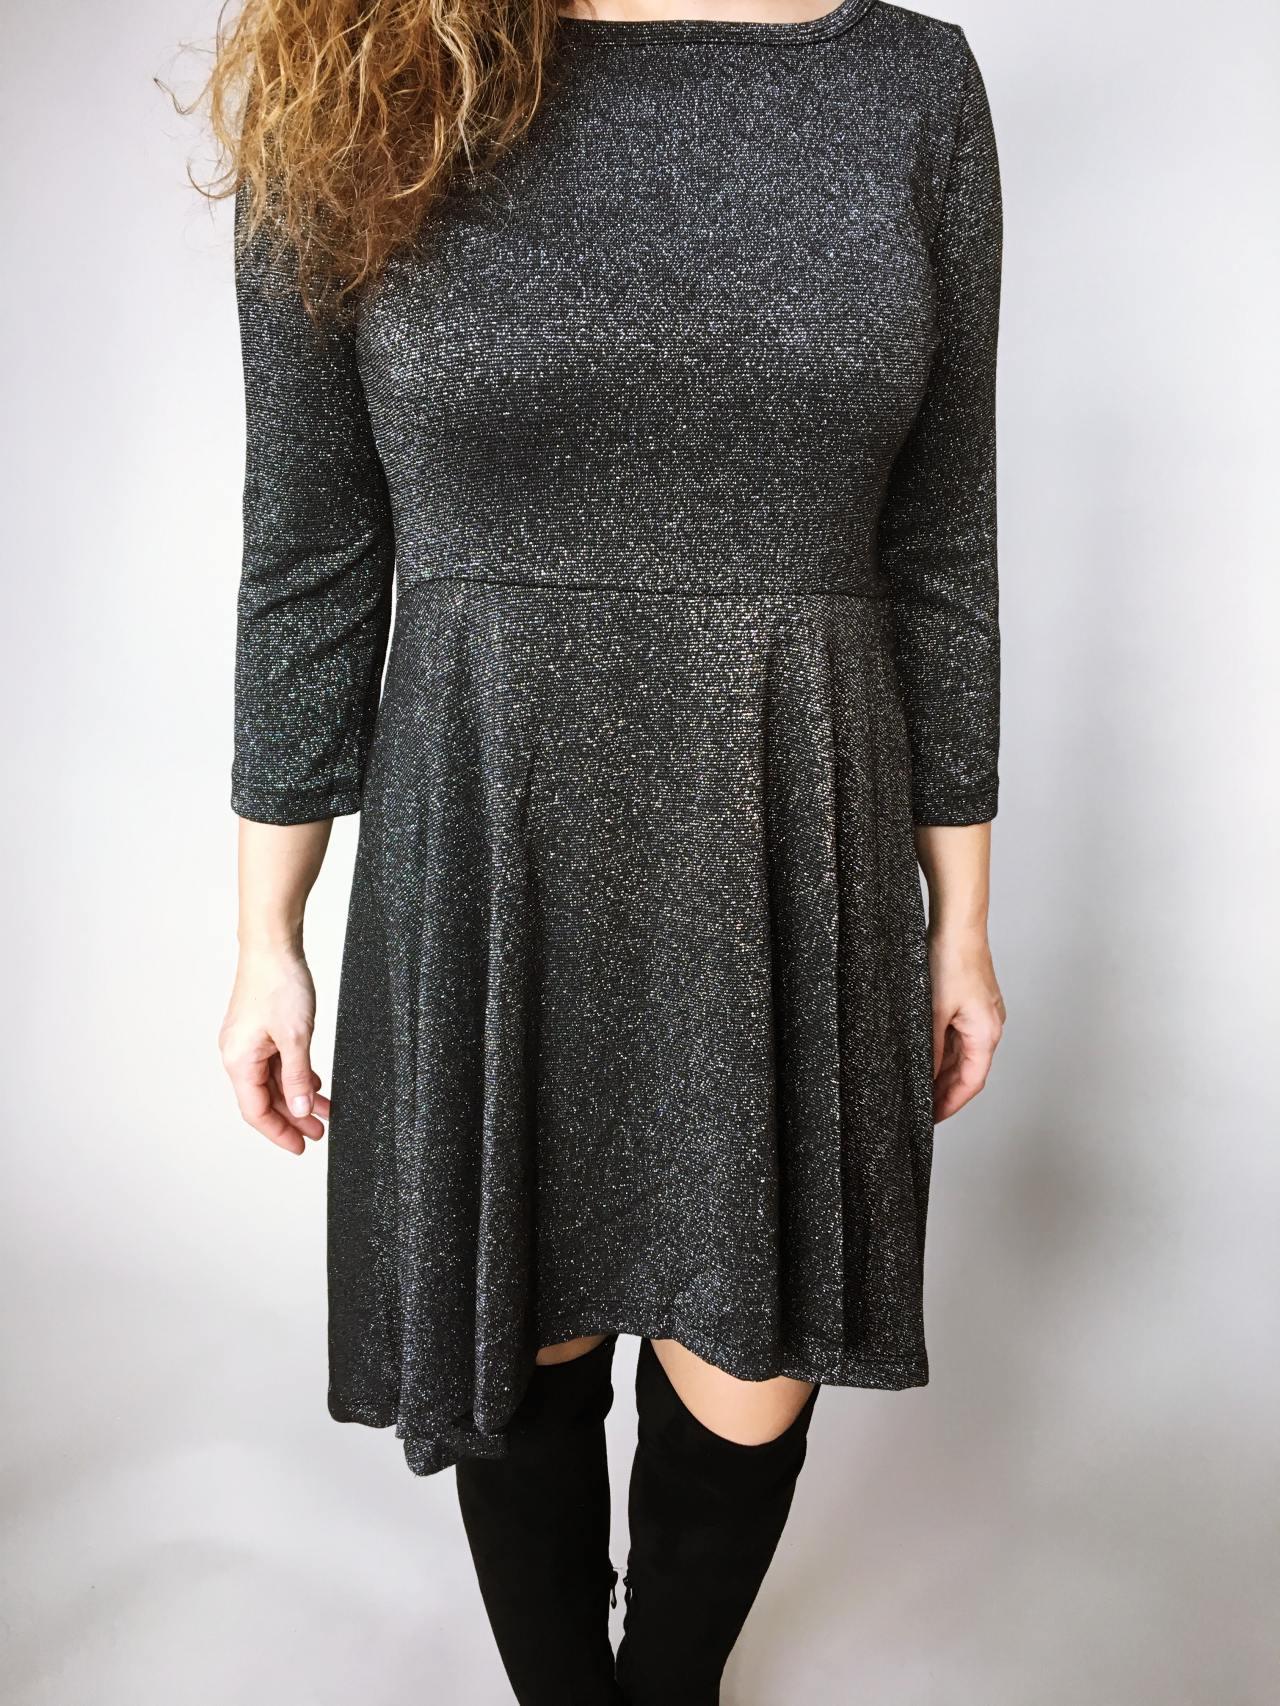 Šaty Carmen černé 07